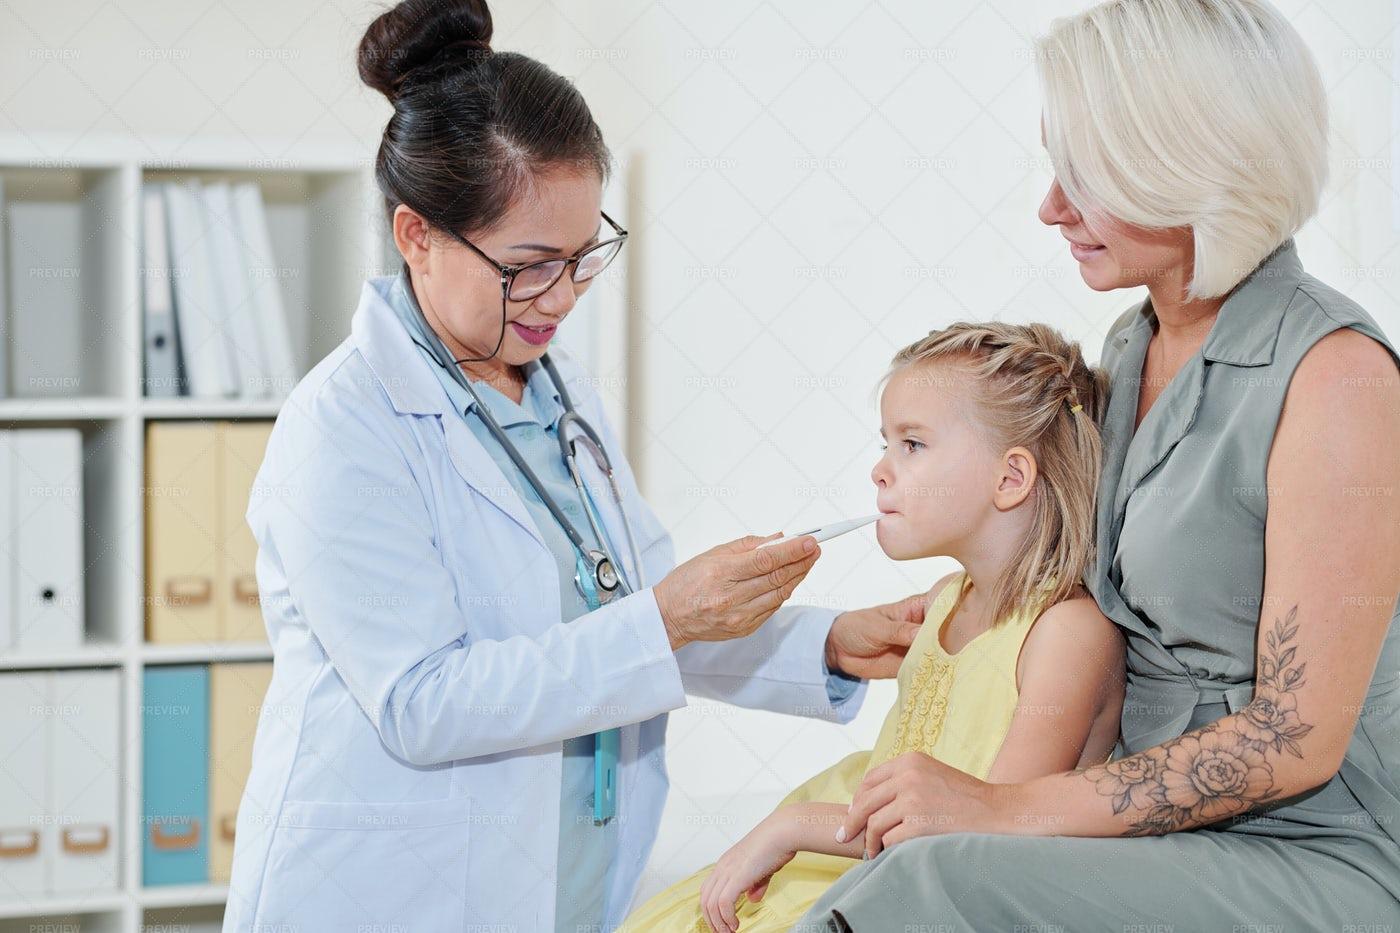 Pediatrician Checking Temperatire: Stock Photos